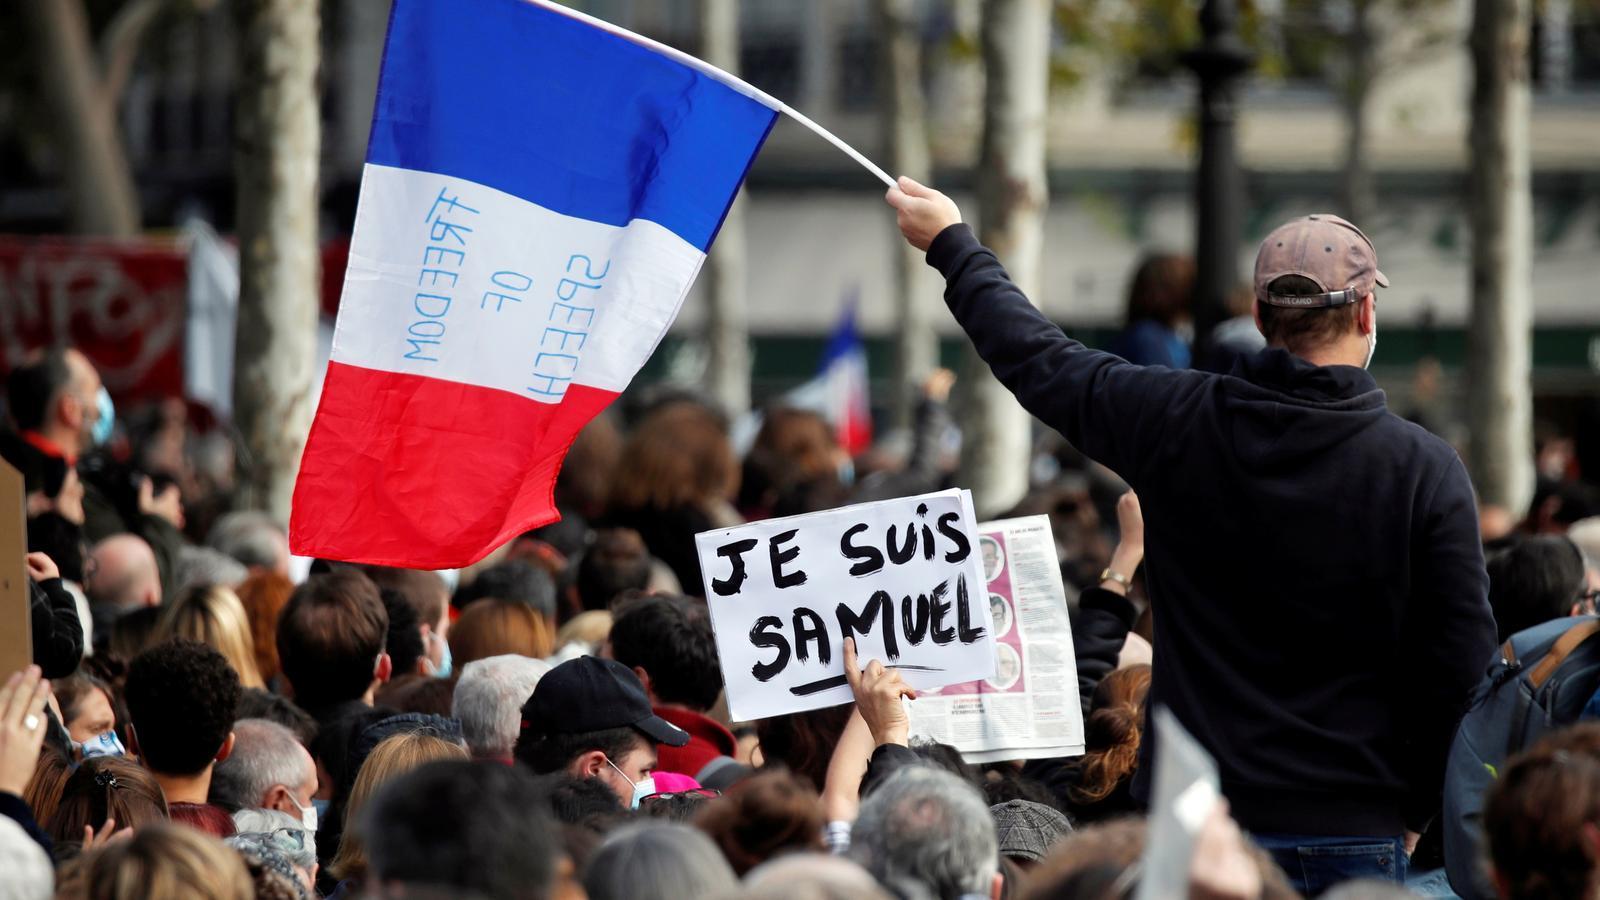 La decapitació del professor remou les pors de França